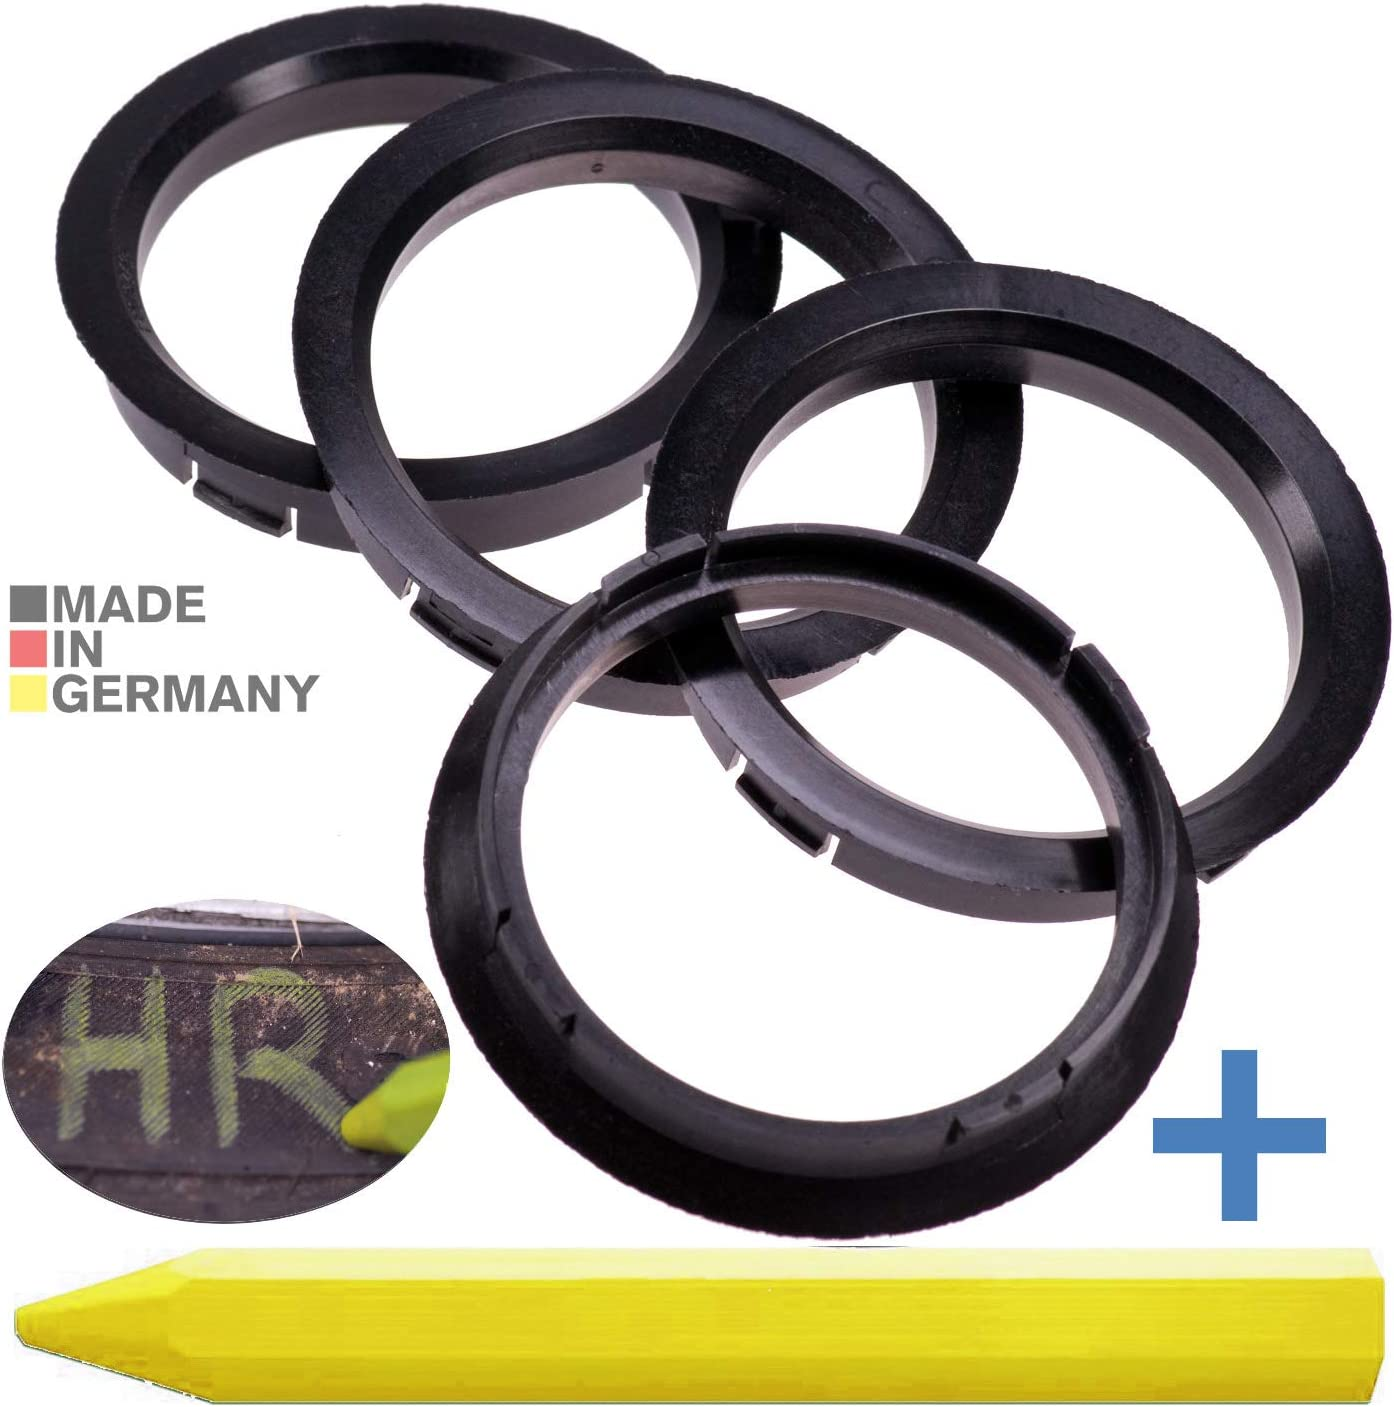 4x Zentrierringe Schwarz 72 5 Mm X 63 4 Mm 1x Reifen Kreide Fett Stift Auto